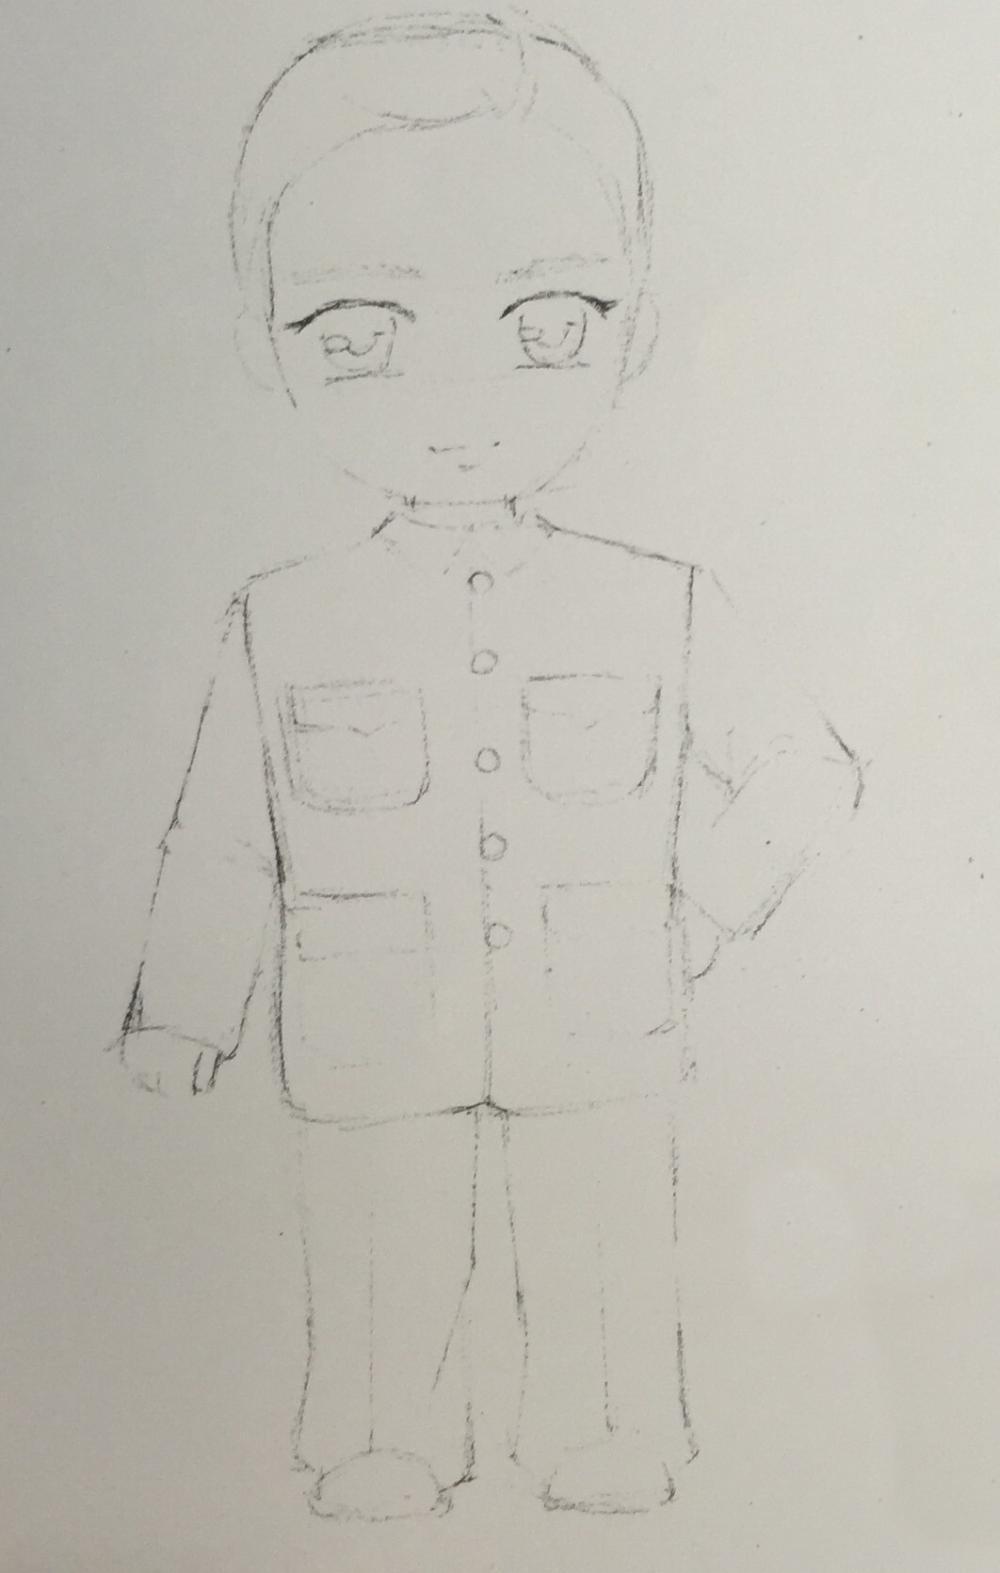 彩铅手绘中山装少儿手绘房屋v少儿古剑2图纸教程图片